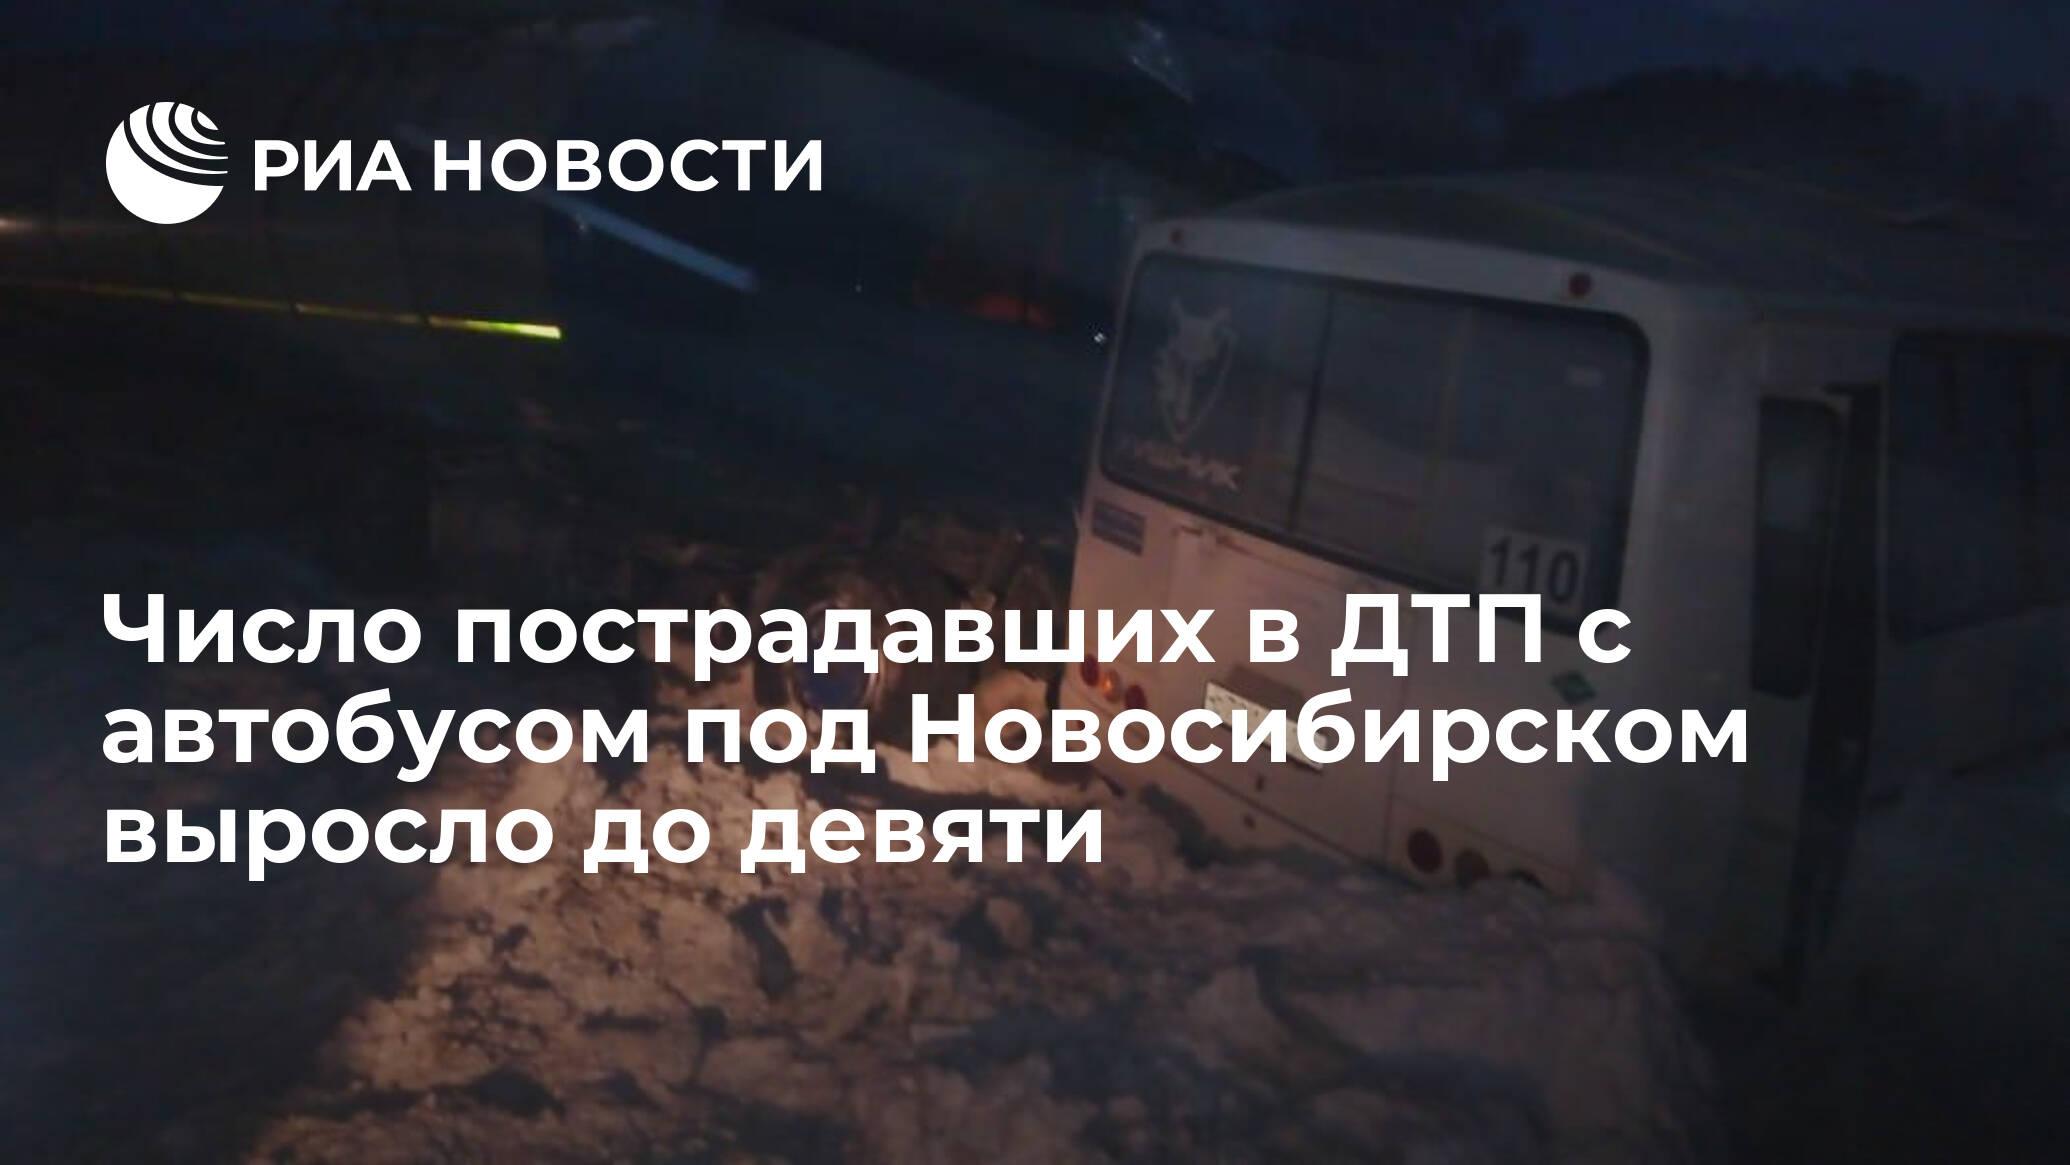 Число пострадавших в ДТП с автобусом под Новосибирском возросло до девяти